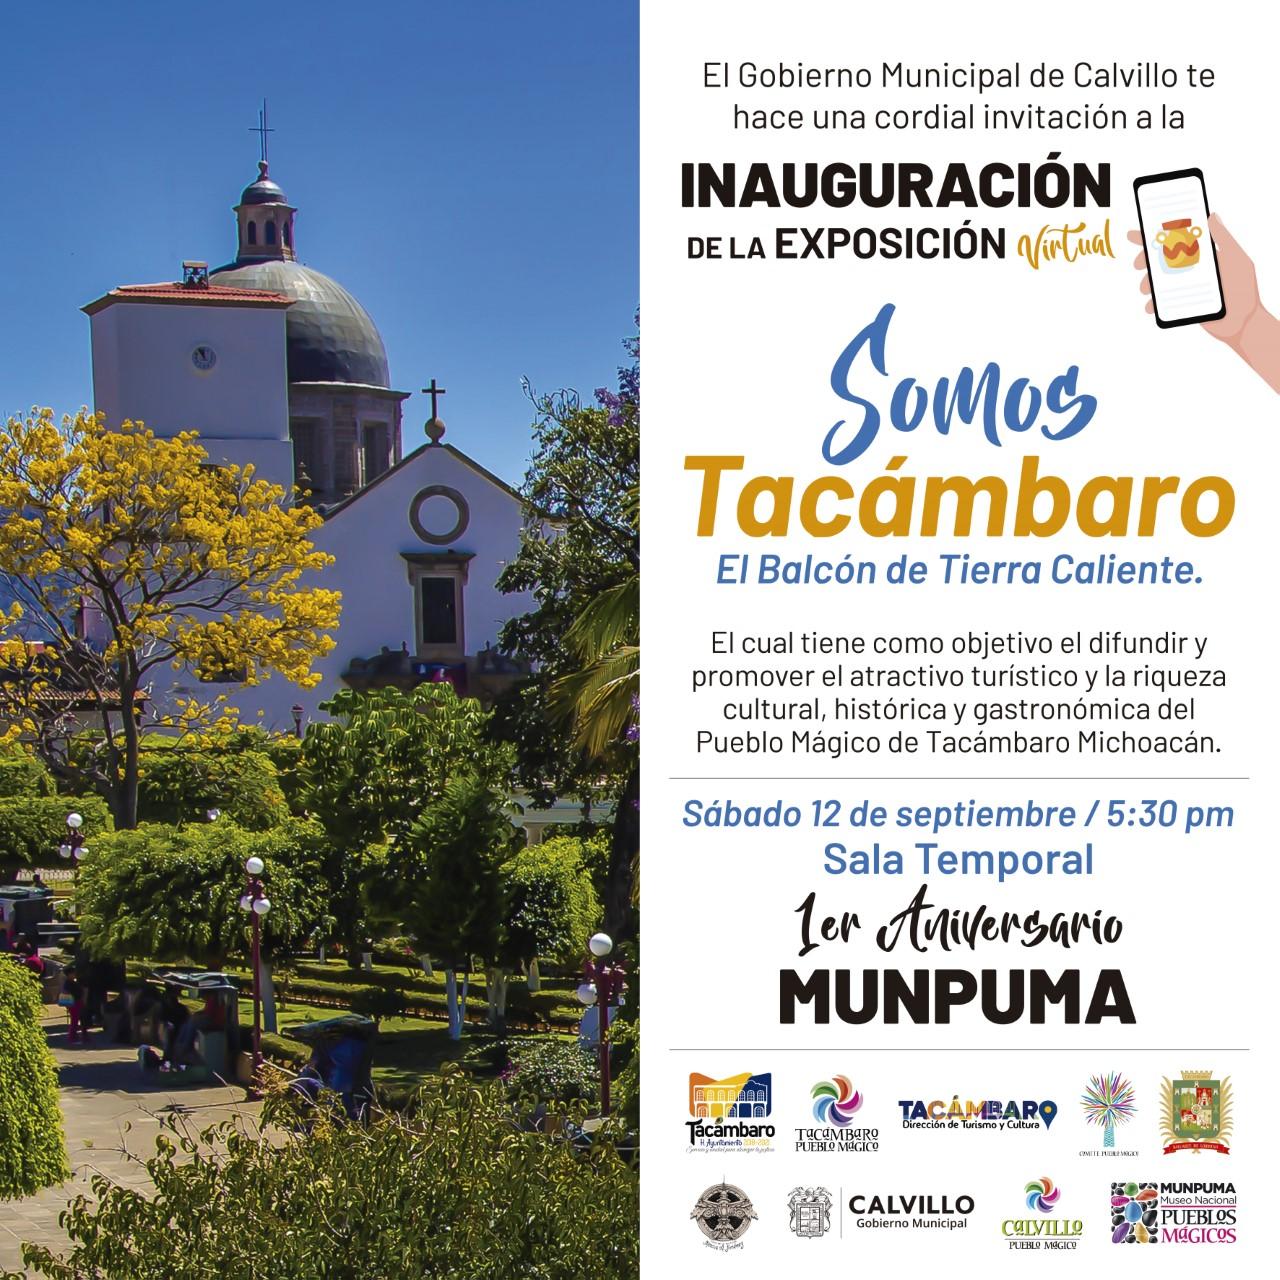 Presencia de Tacámbaro Pueblo Mágico en el MUNPUMA y en Calvillo Pueblo Mágico